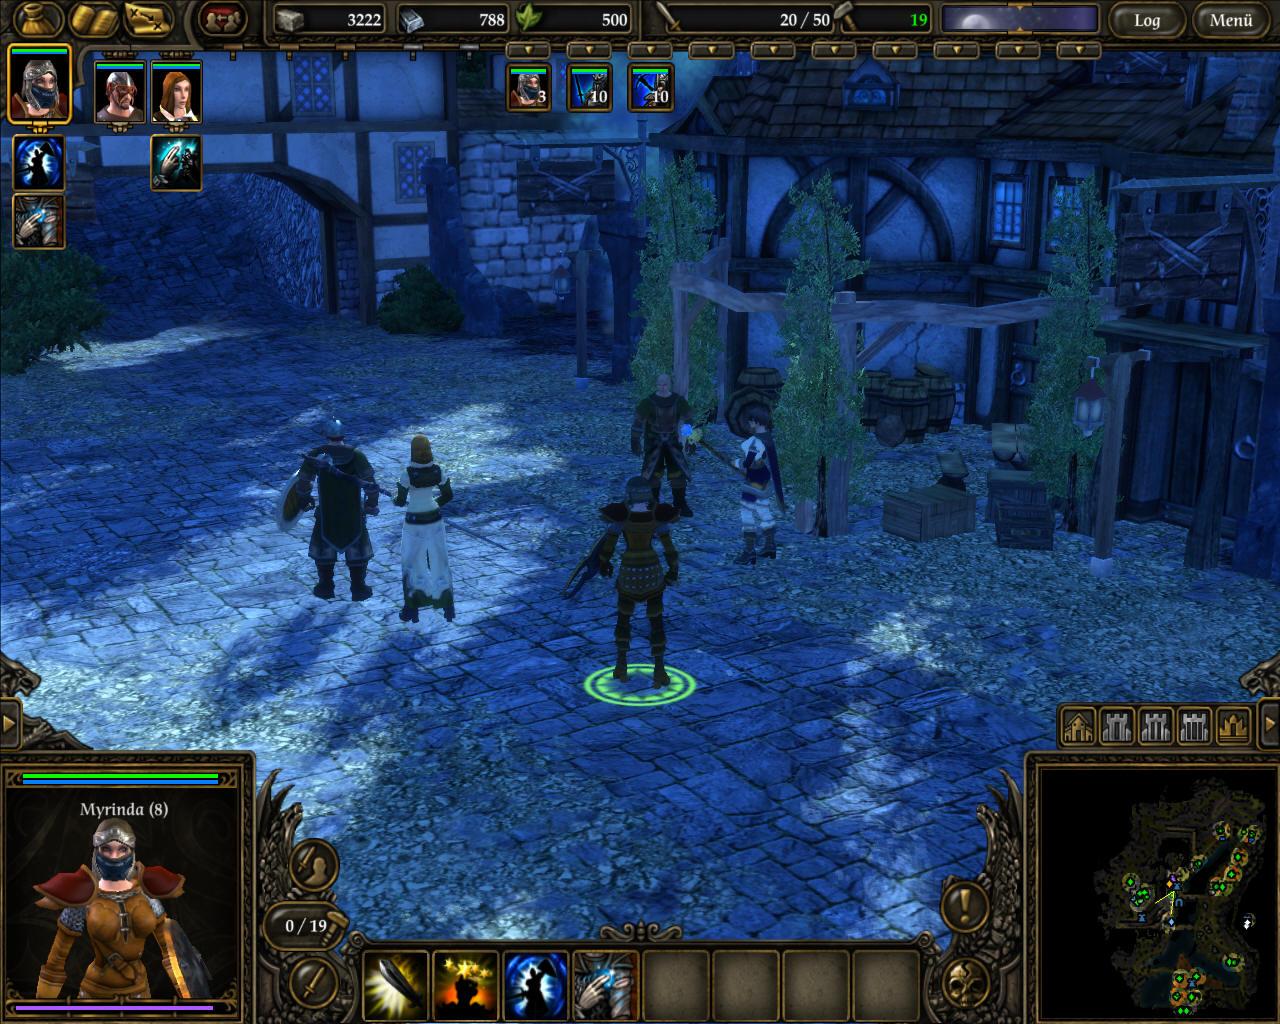 spellforce2_2006_04_11_17_33_28_82